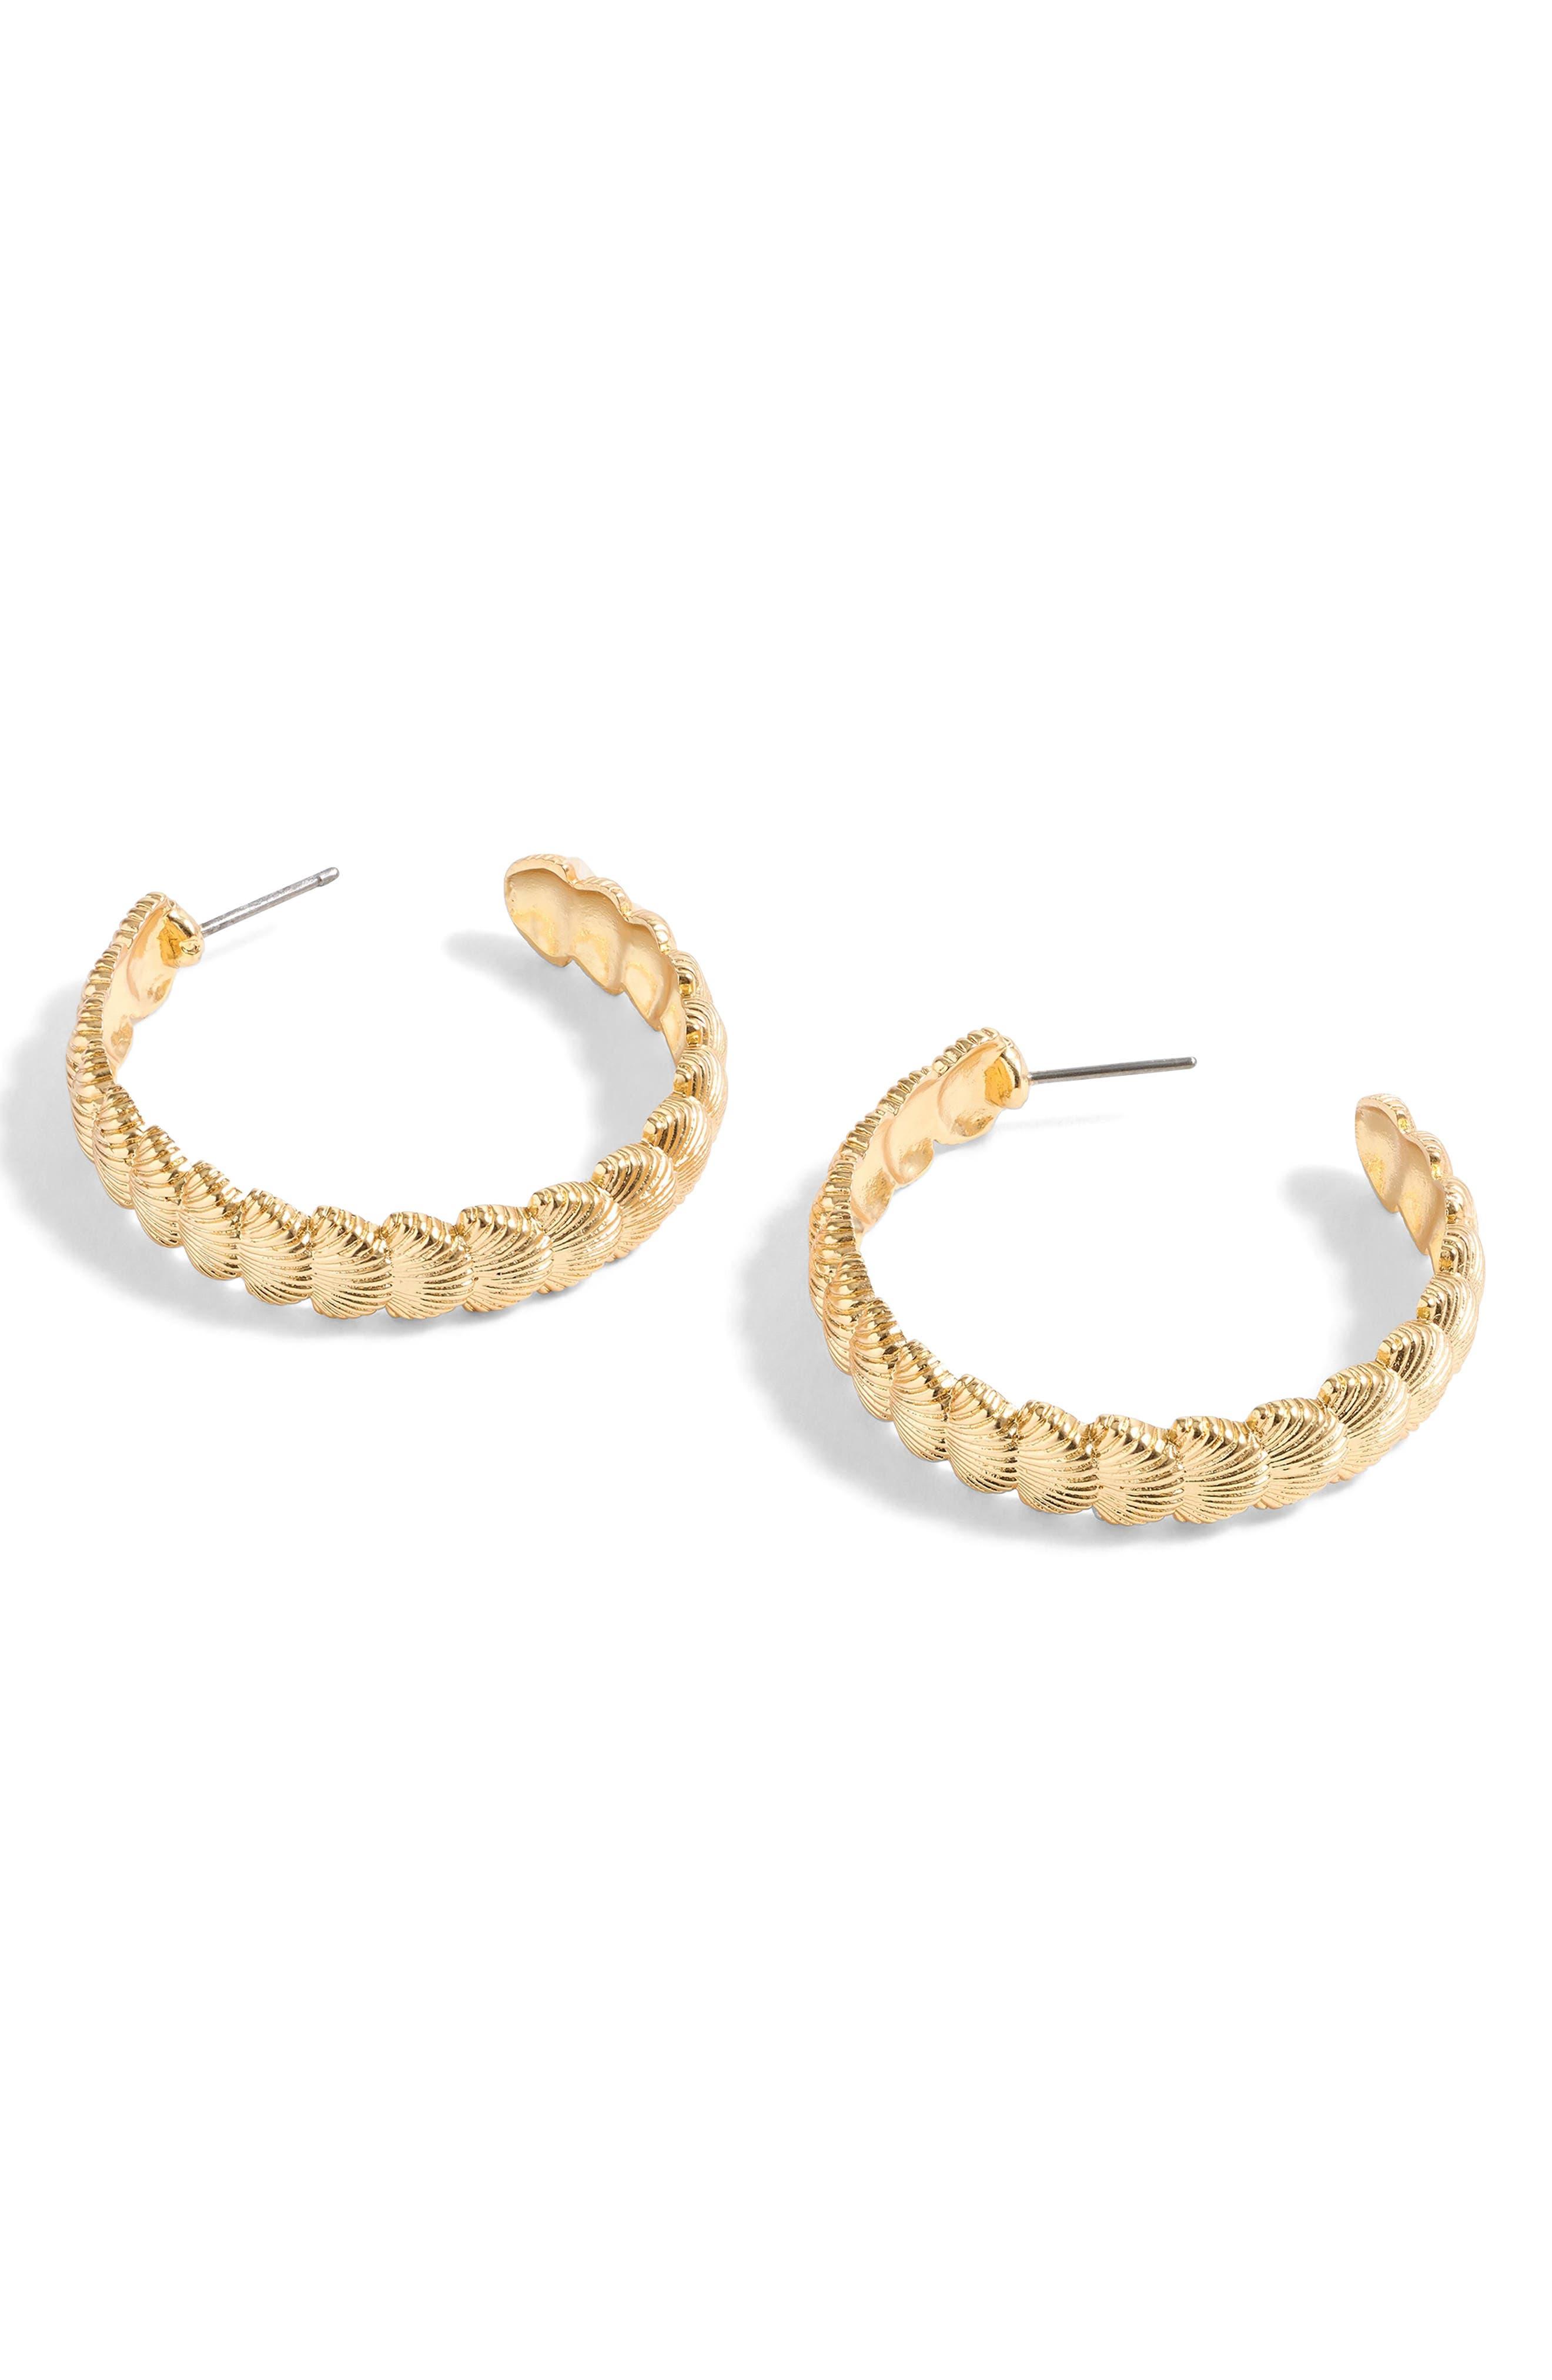 Seashell Hoop Earrings,                             Main thumbnail 1, color,                             Burnished Gold